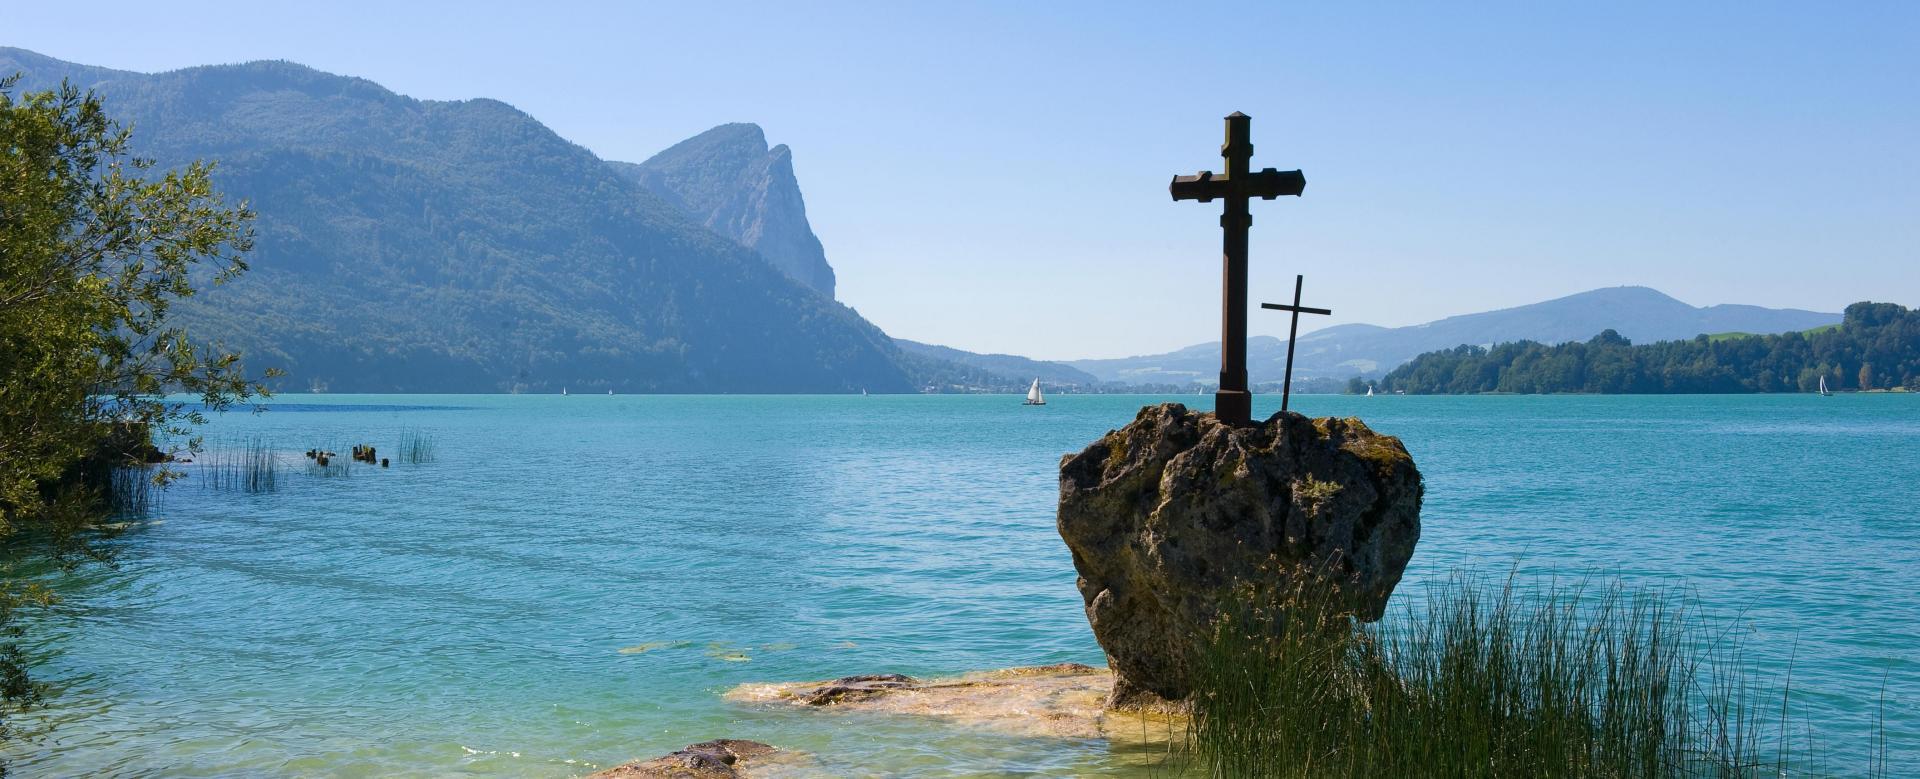 Voyage à pied : Autriche : Vélo et randonnée autour des lacs de salzbourg